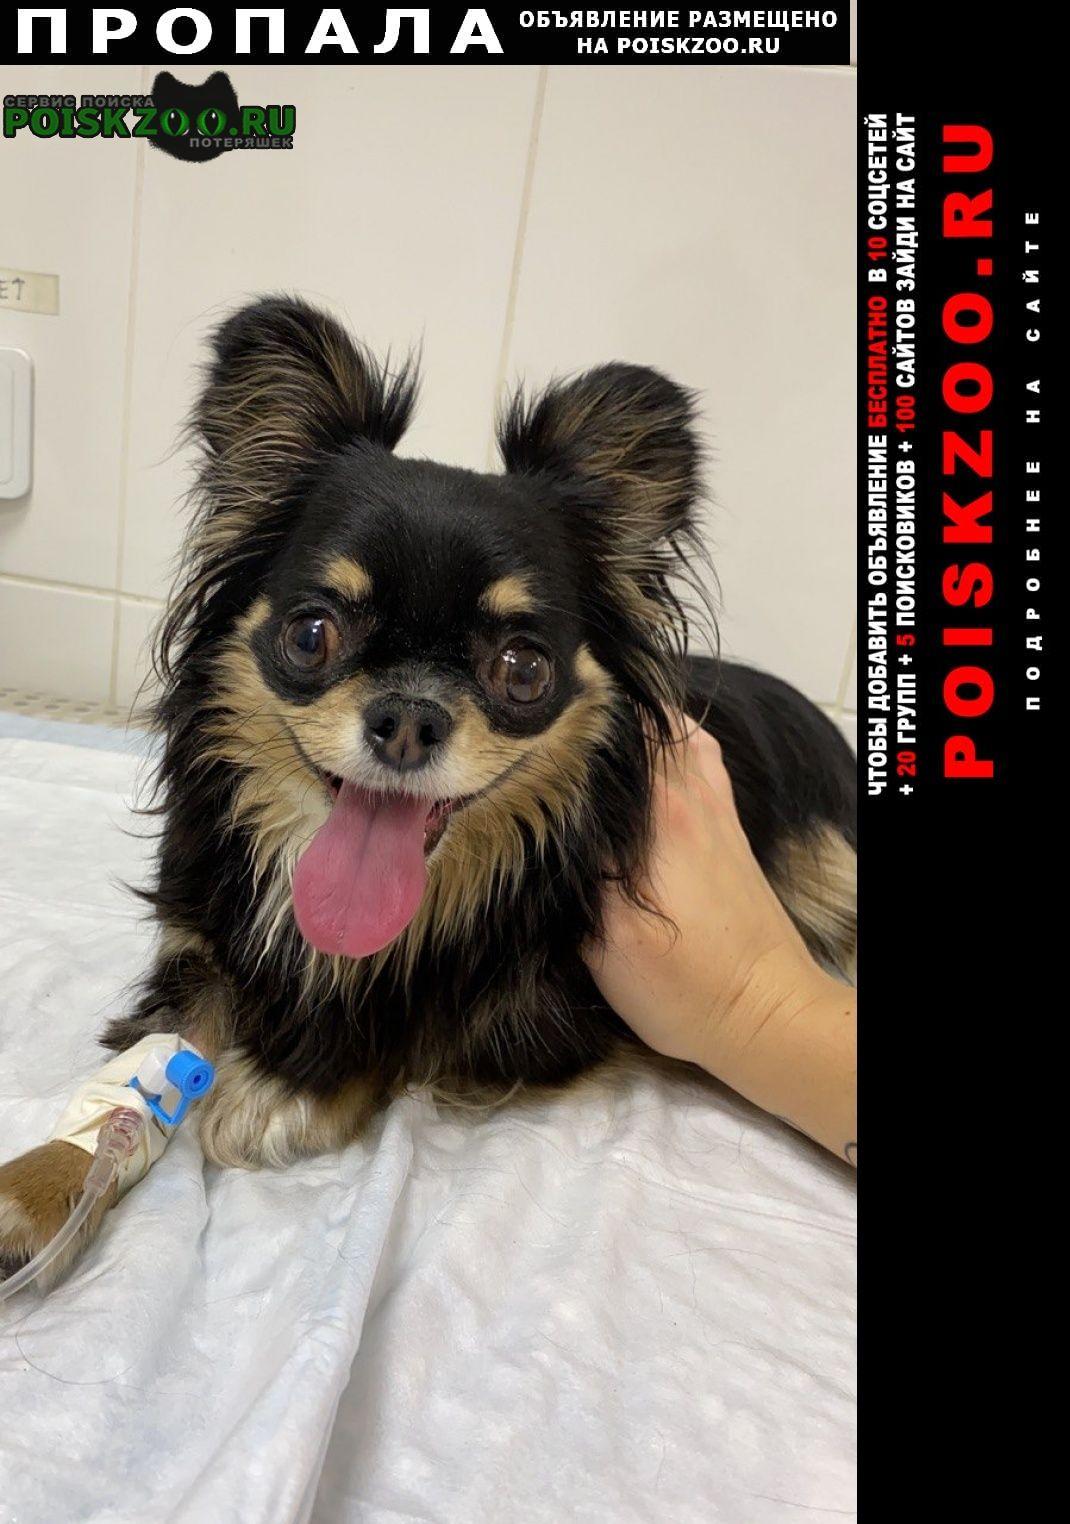 Подольск Пропала собака кобель нужна ваша помощь